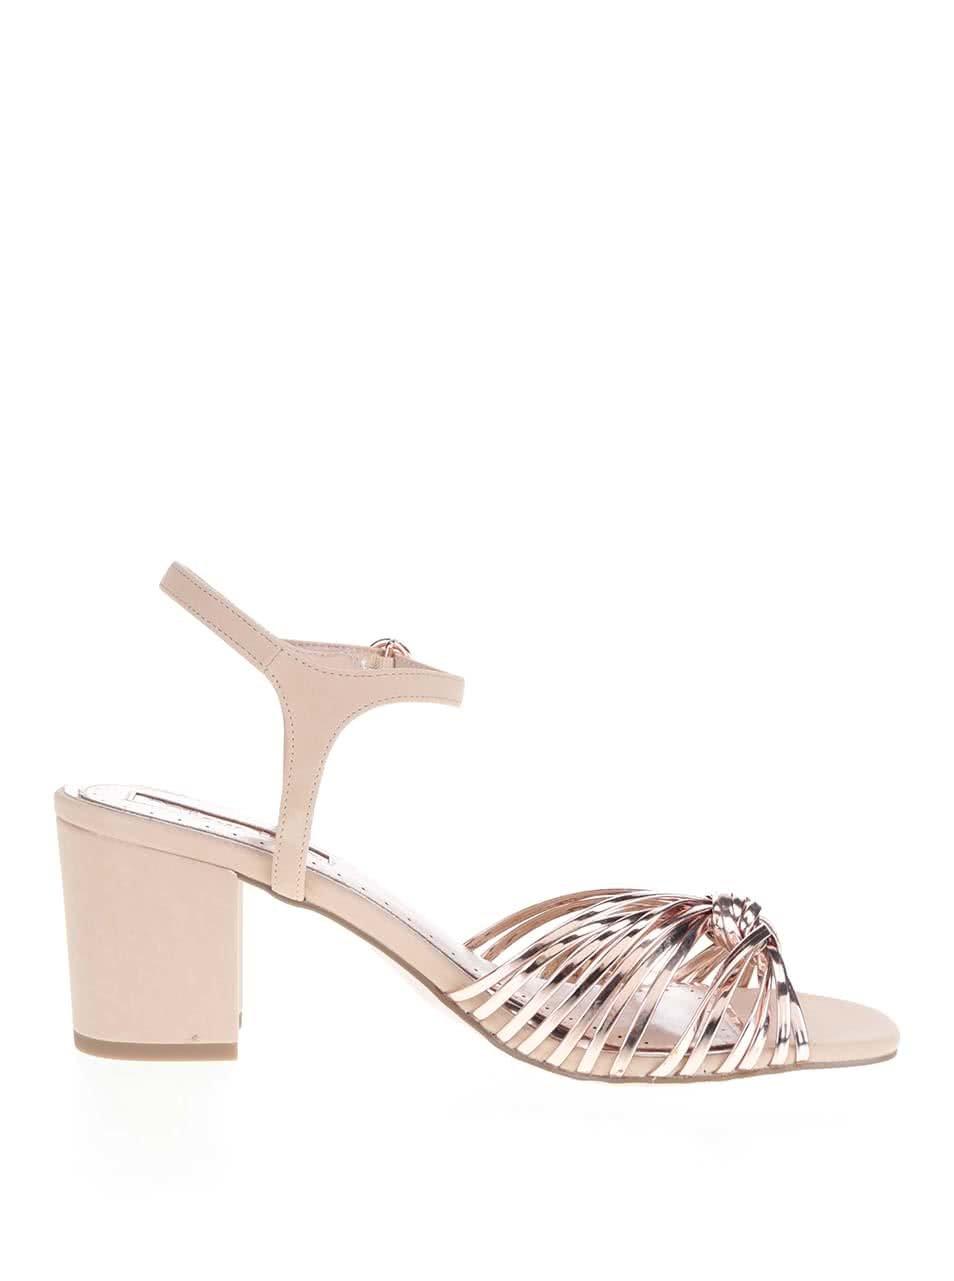 624626430f33 Starorůžové metalické sandálky na podpatku Miss KG ...